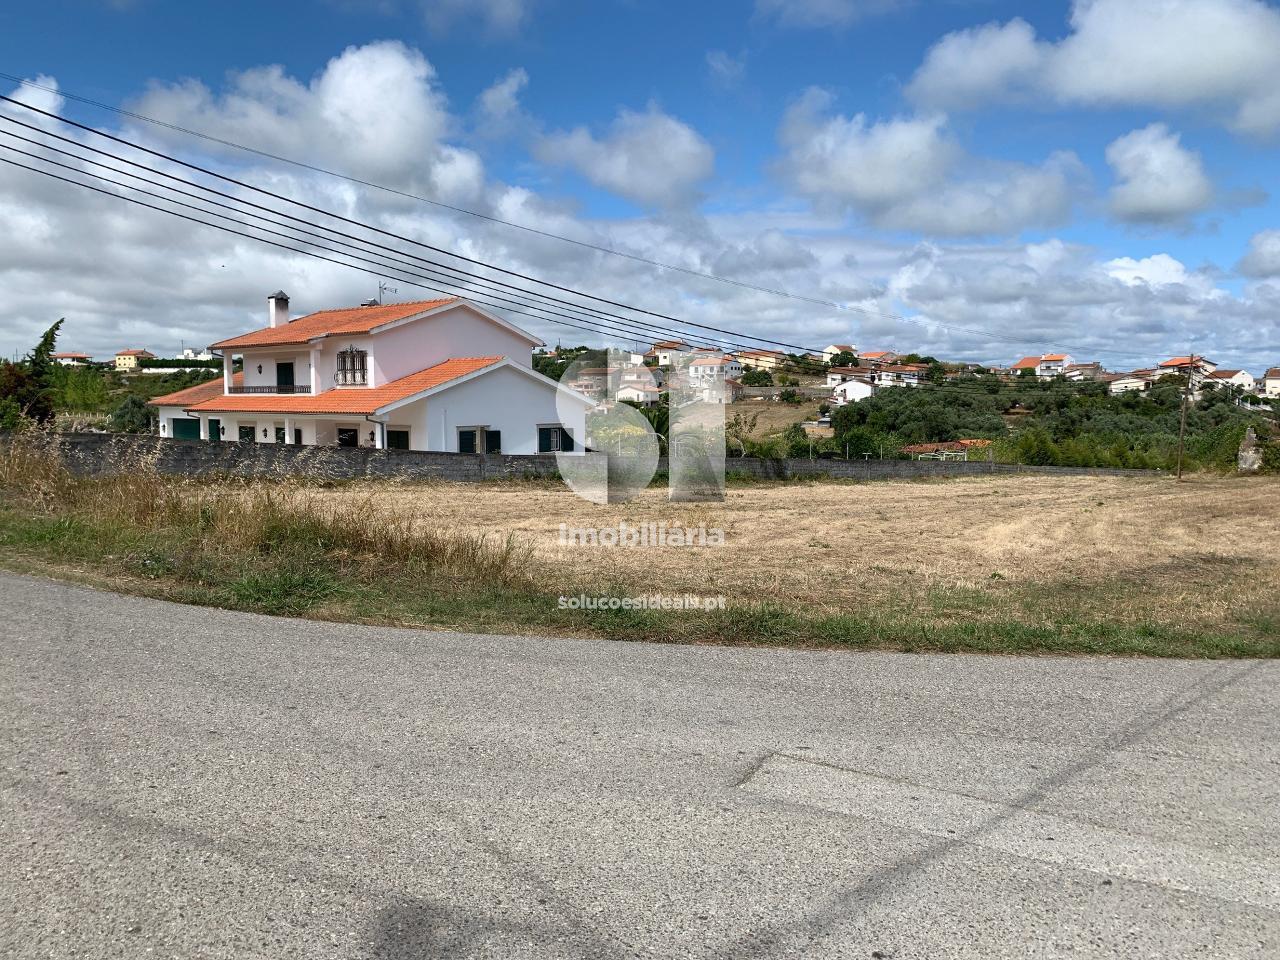 terreno para compra em figueira da foz maiorca maiorca FIG2611